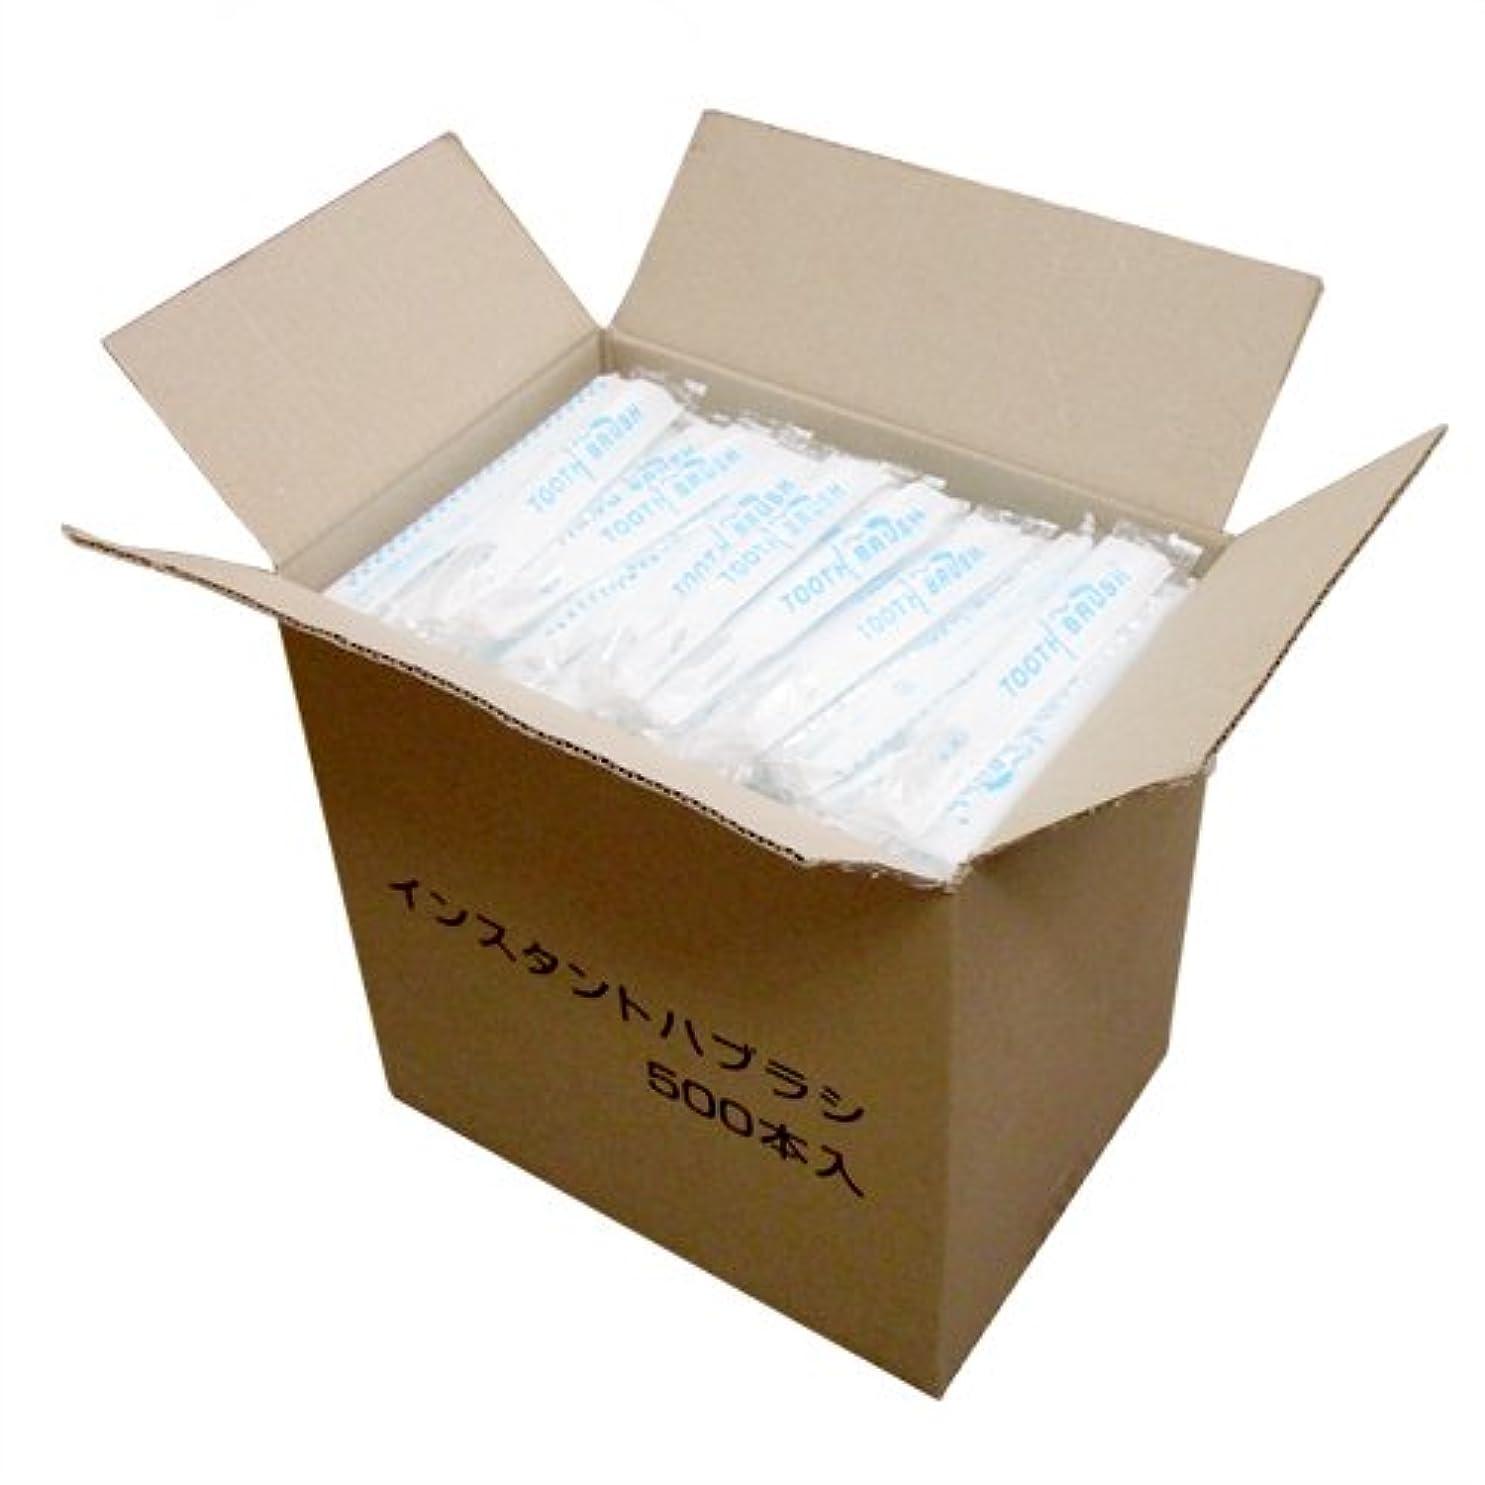 フィッティング達成する宿題をする業務用 日本製 使い捨て粉付き歯ブラシ 個包装タイプ 500本入×8箱 (4000本入)│ホテルアメニティ